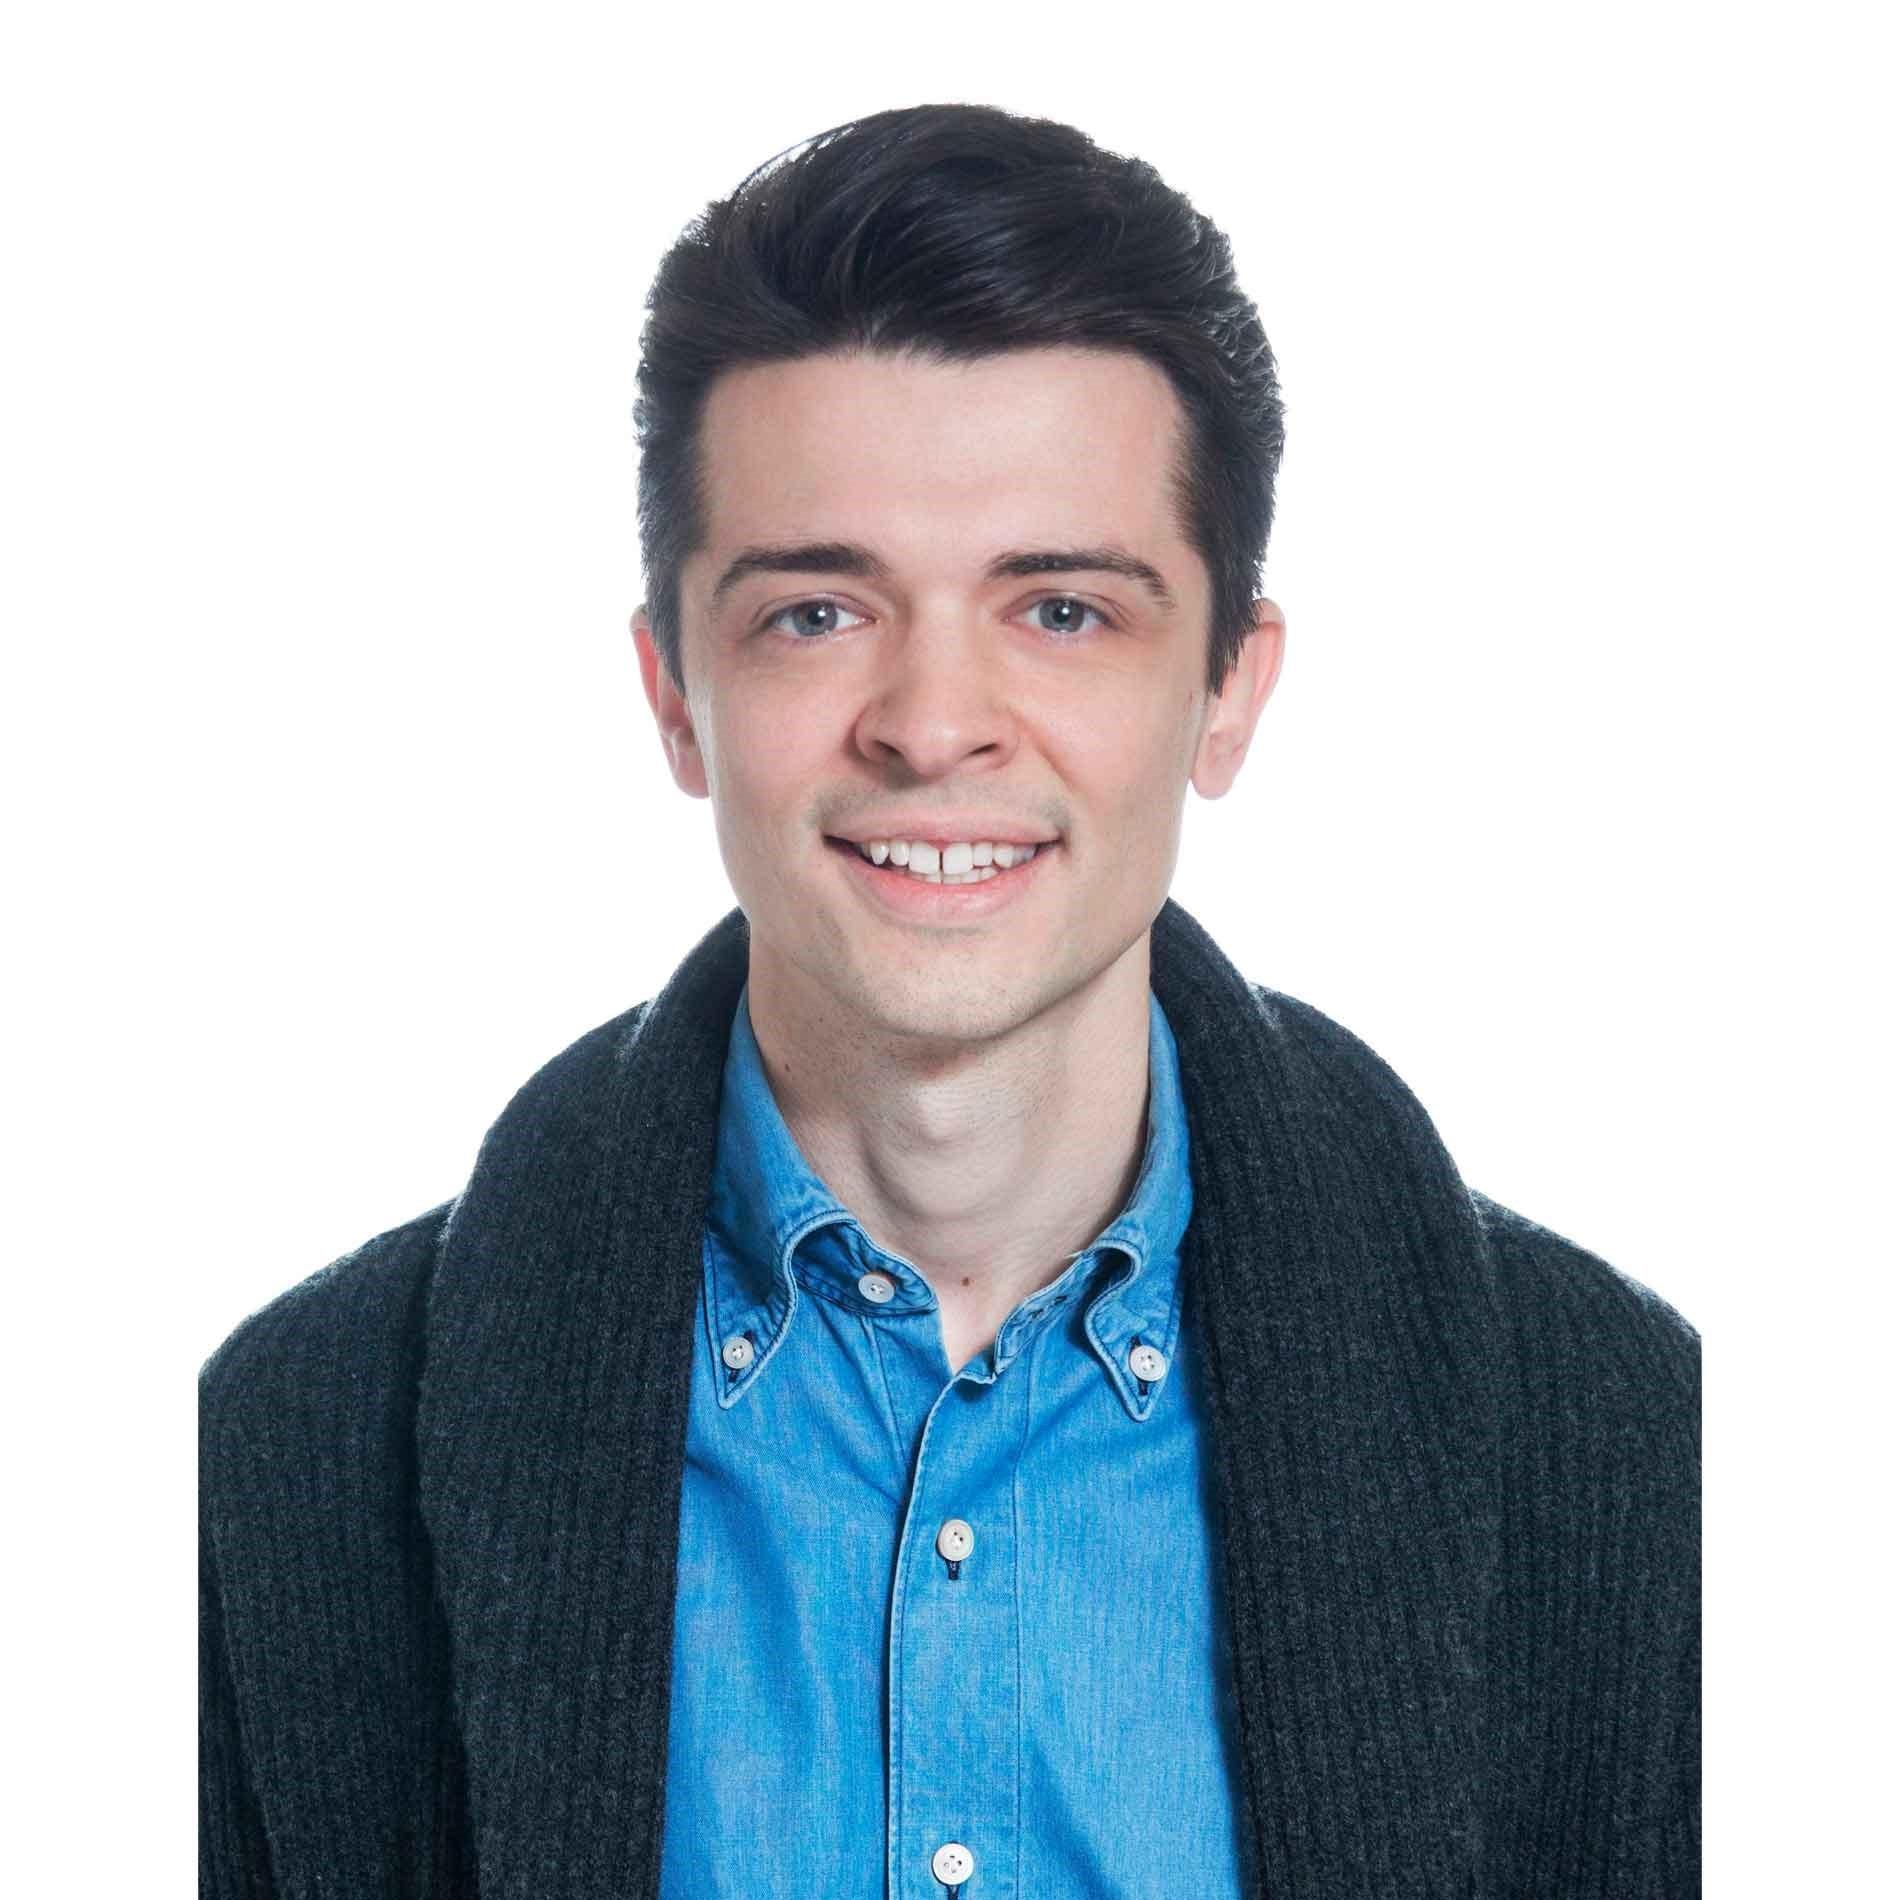 Jacob Collyer-Smith